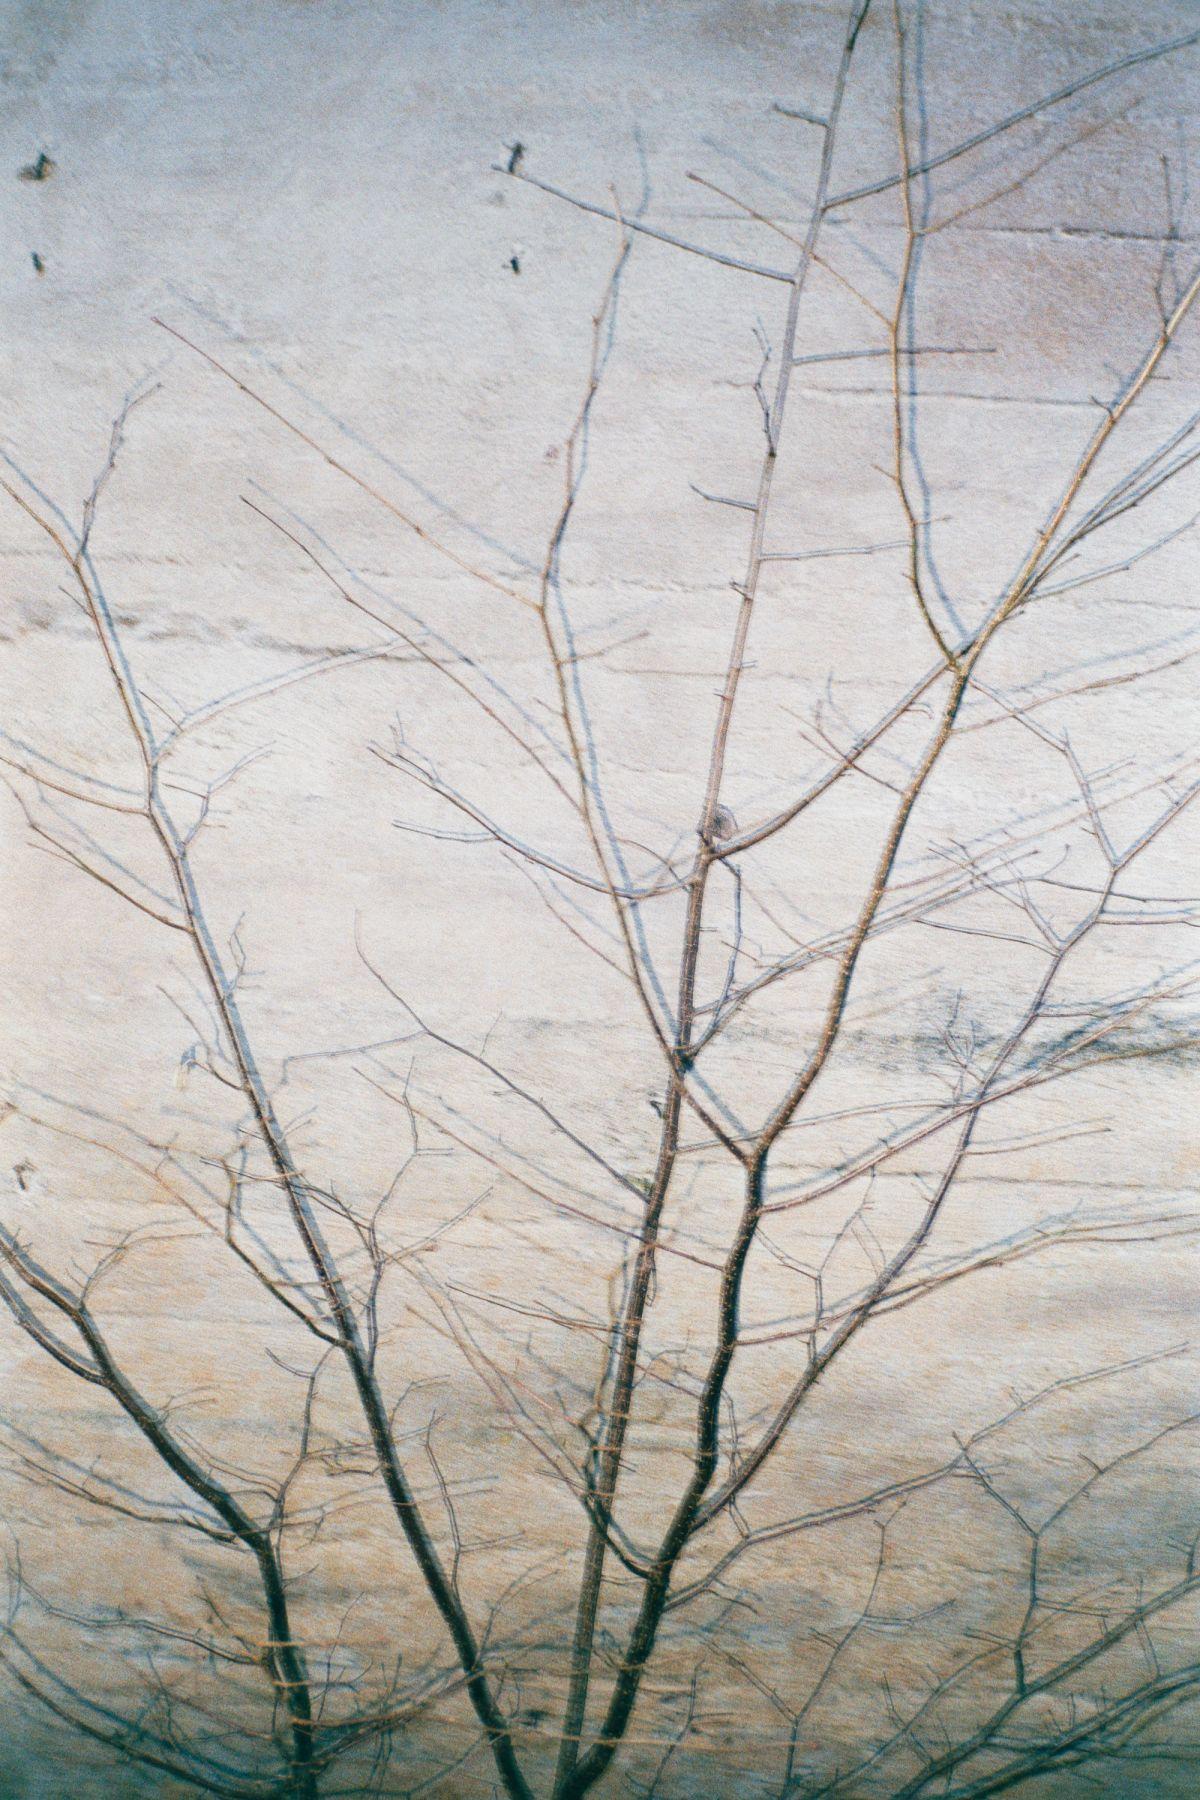 Baum an der Wand, 2016